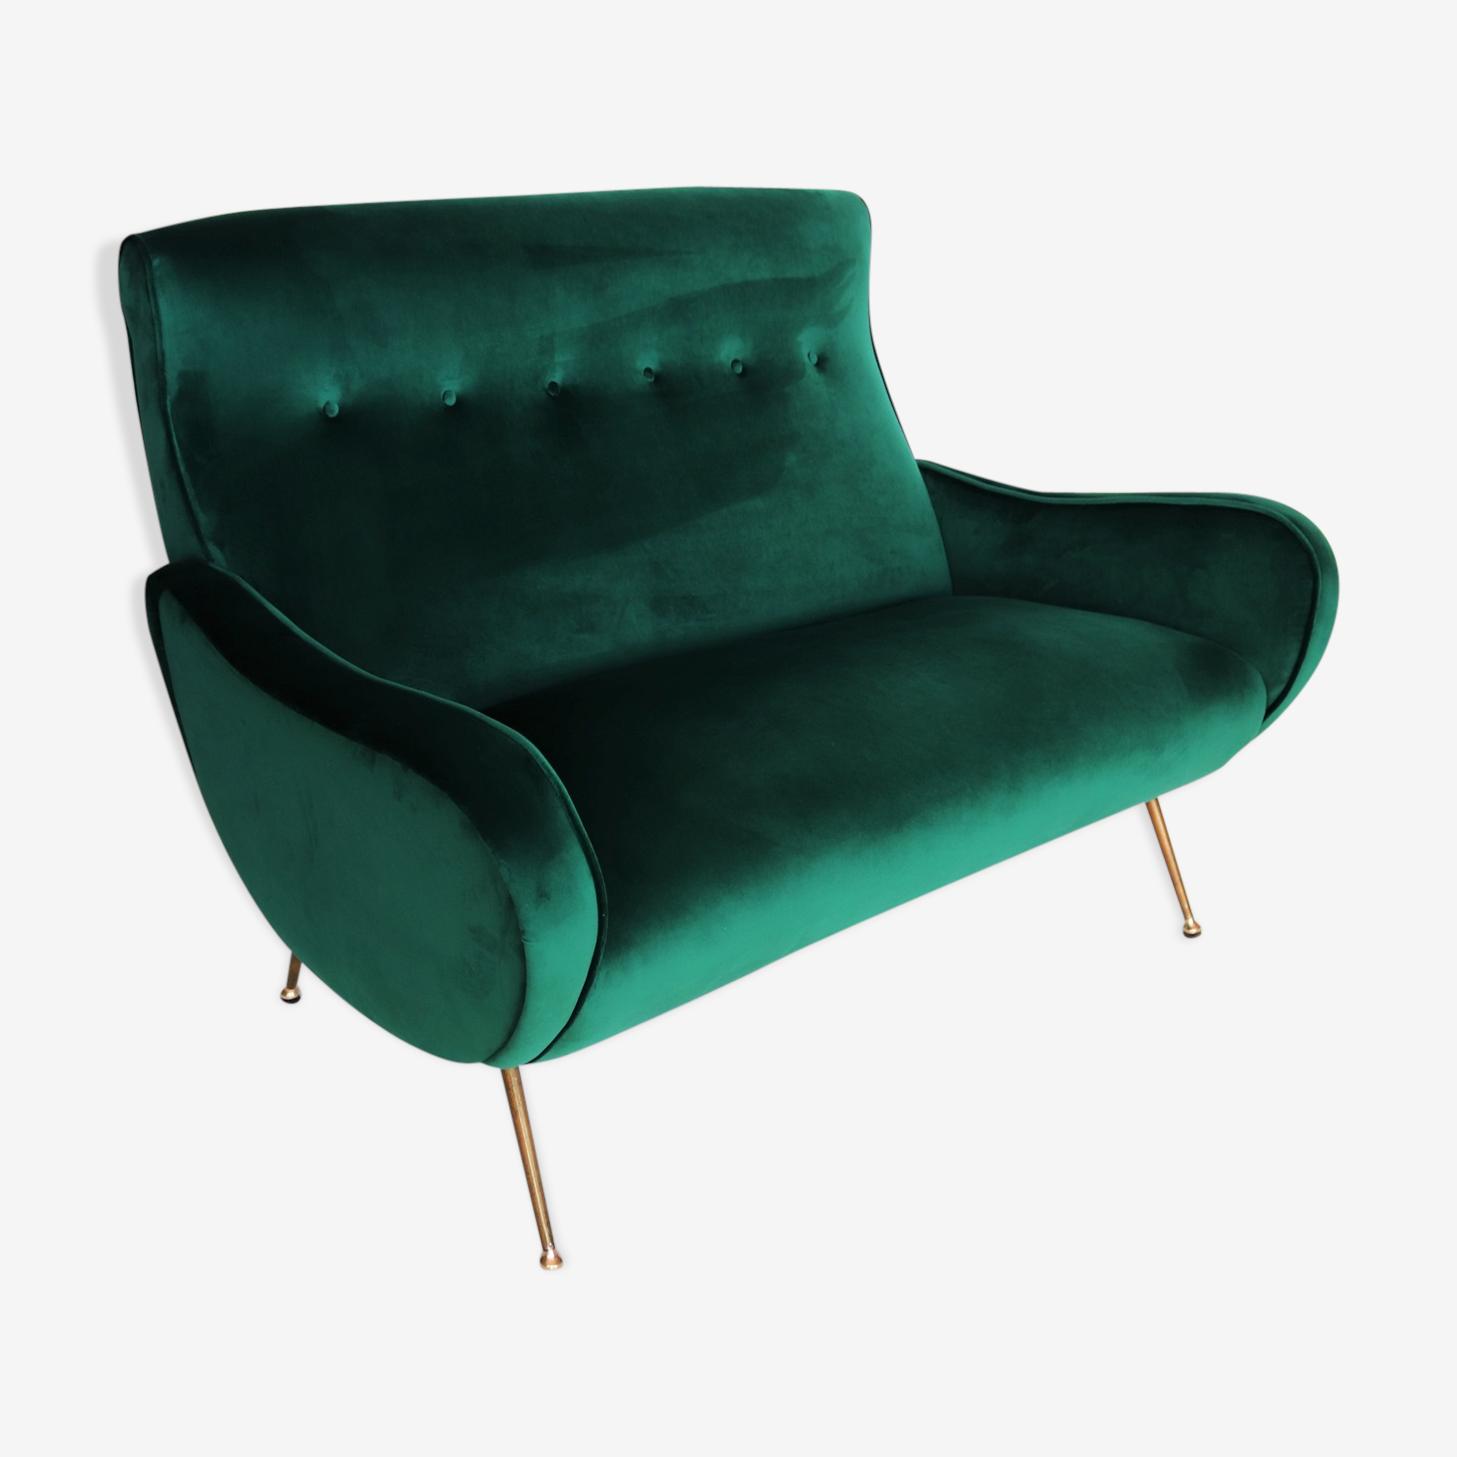 Italian mid-century sofa in green velvet and brass, 1950s